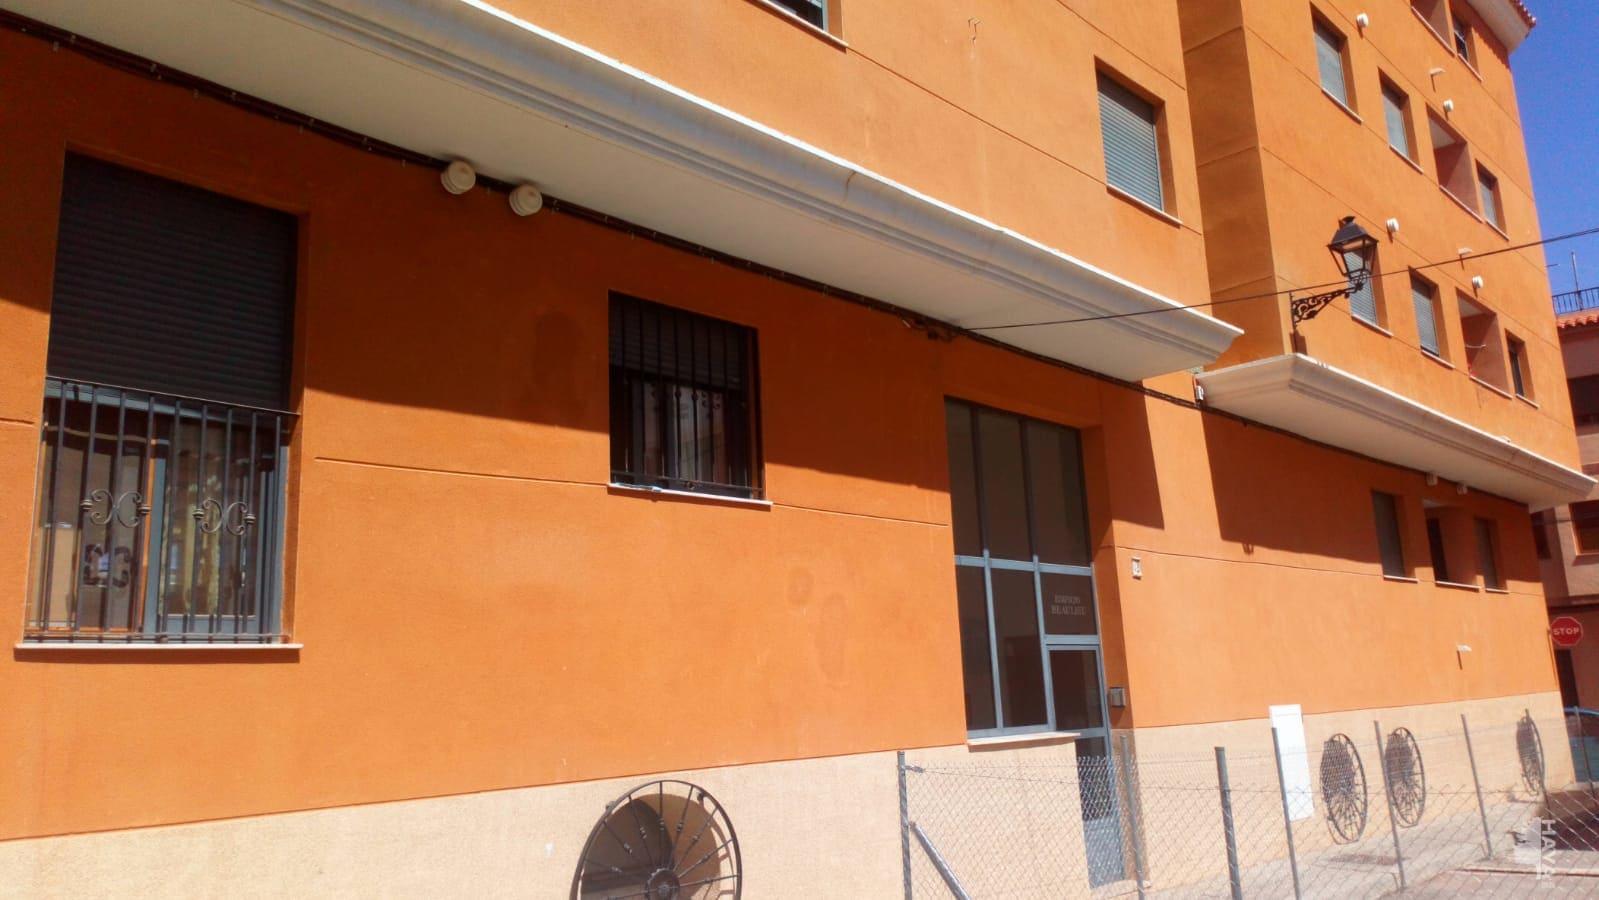 Piso en venta en Tales, Castellón, Calle Beaulieu, 47.900 €, 2 habitaciones, 1 baño, 71 m2